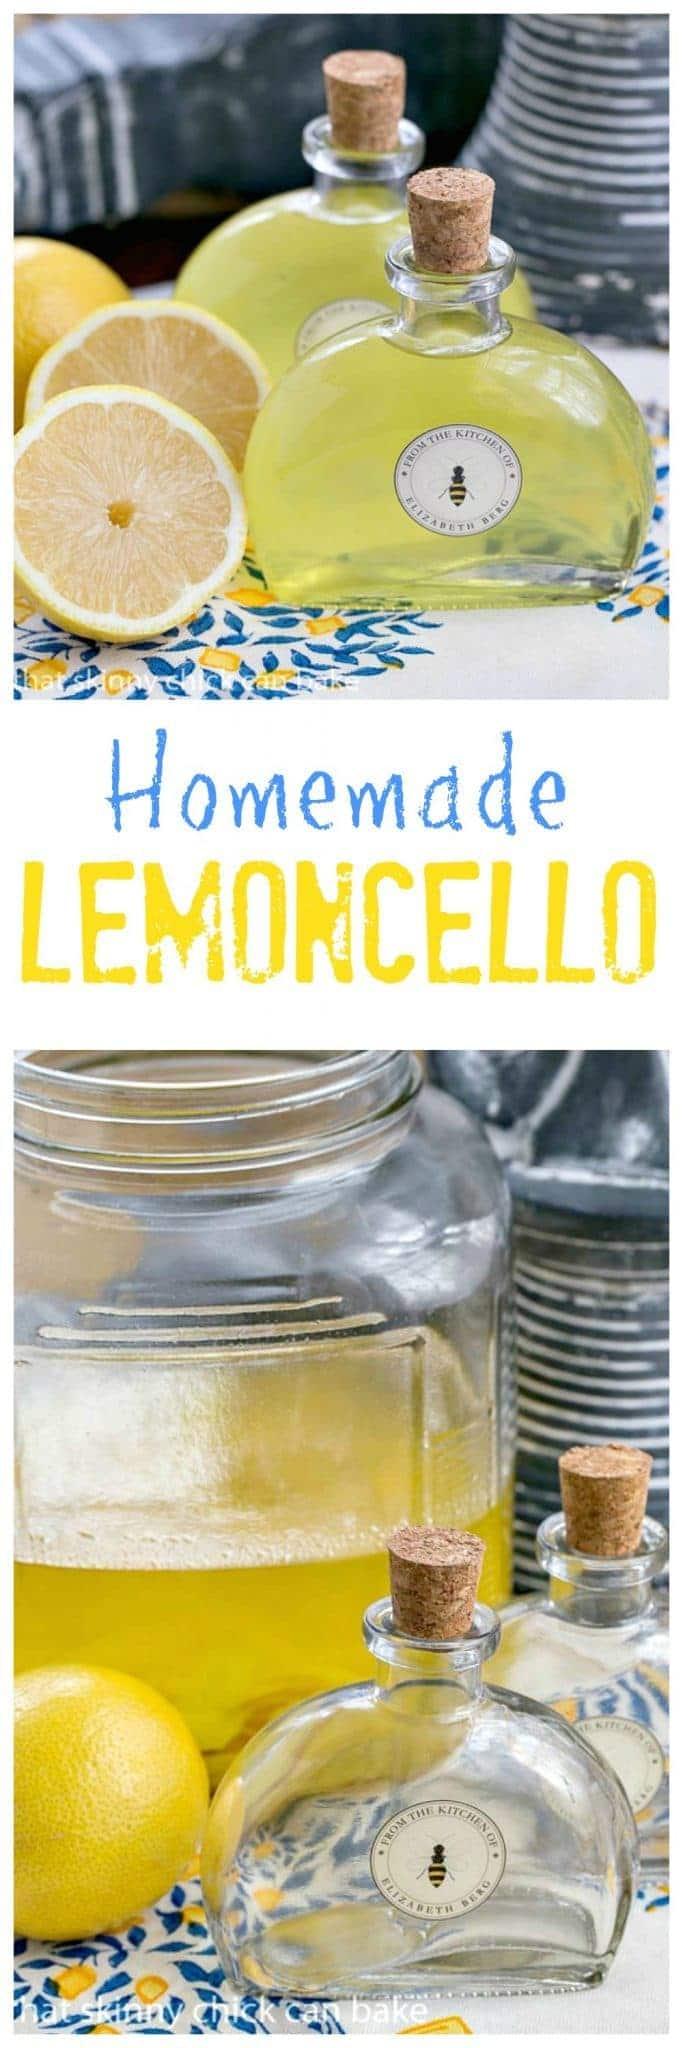 Homemade Limoncello Liqueur